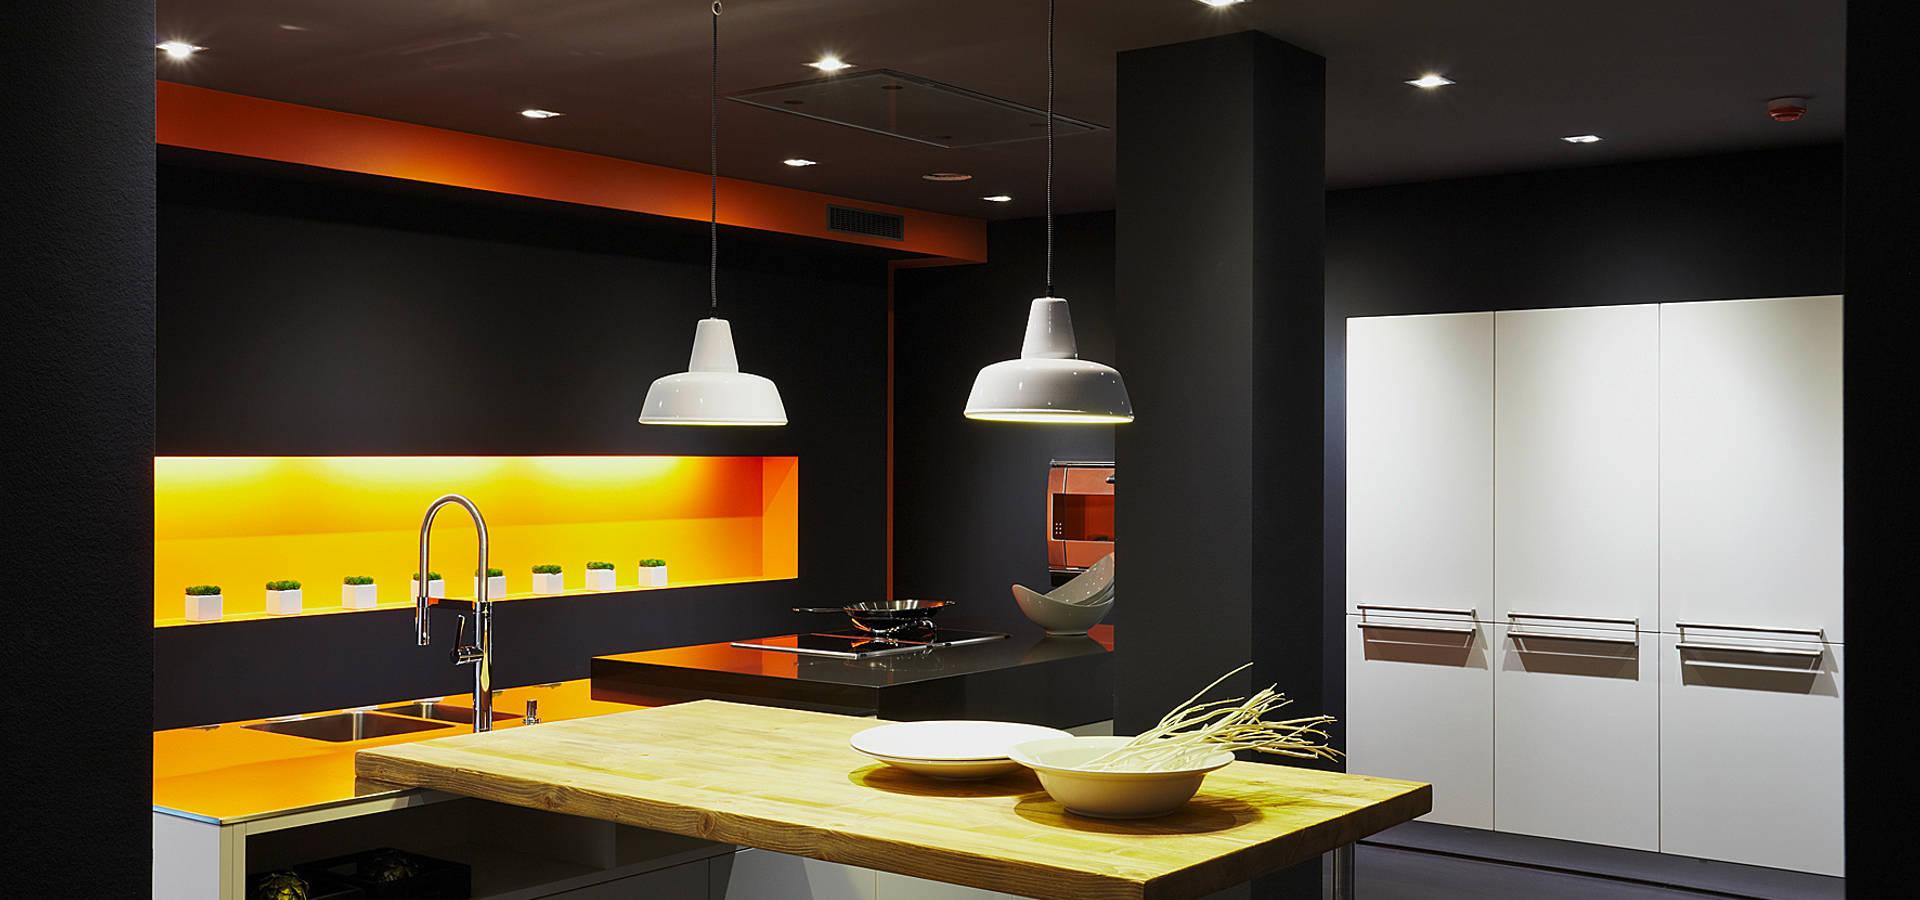 ausstellung de joppe exklusive einbauk chen gmbh homify. Black Bedroom Furniture Sets. Home Design Ideas